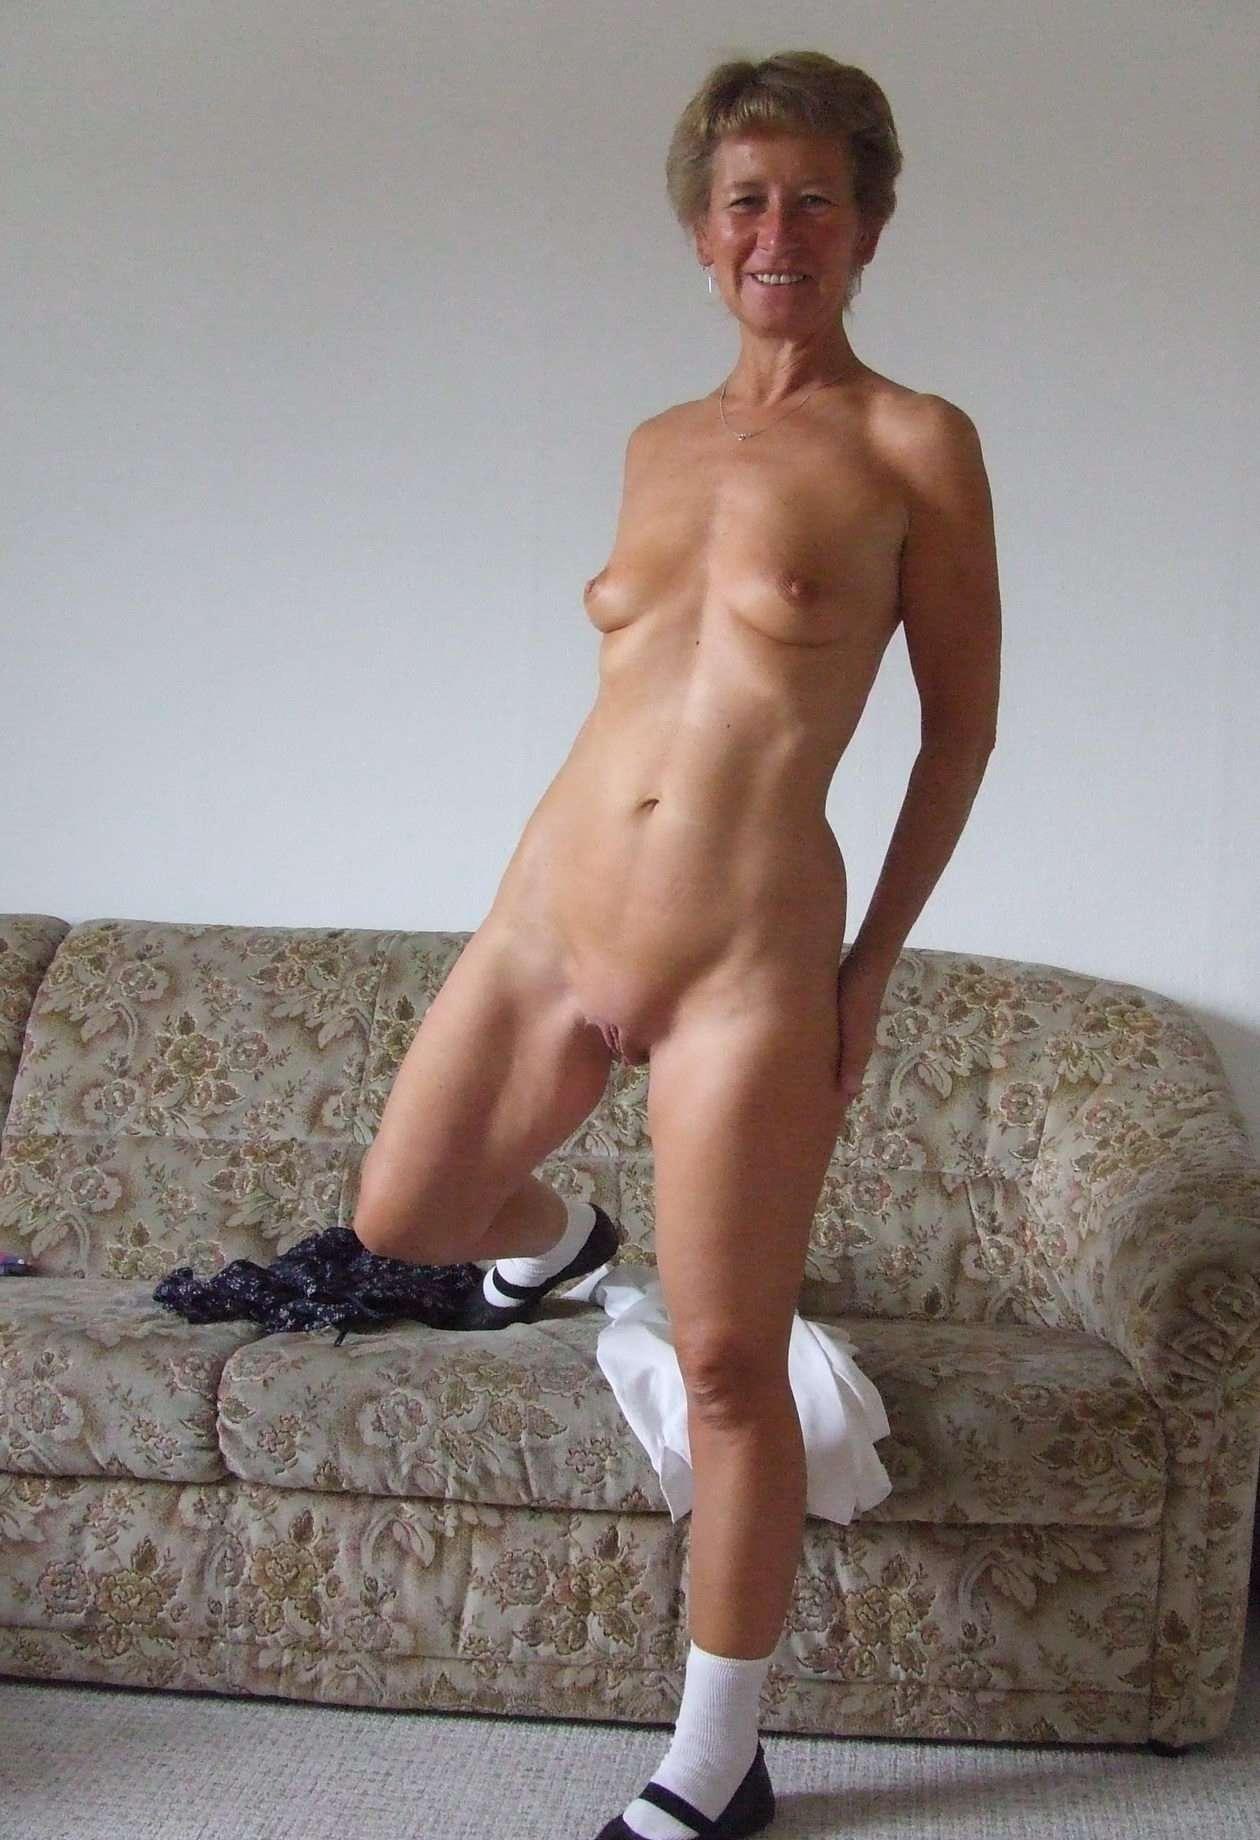 Granny nude hot Granny Nude